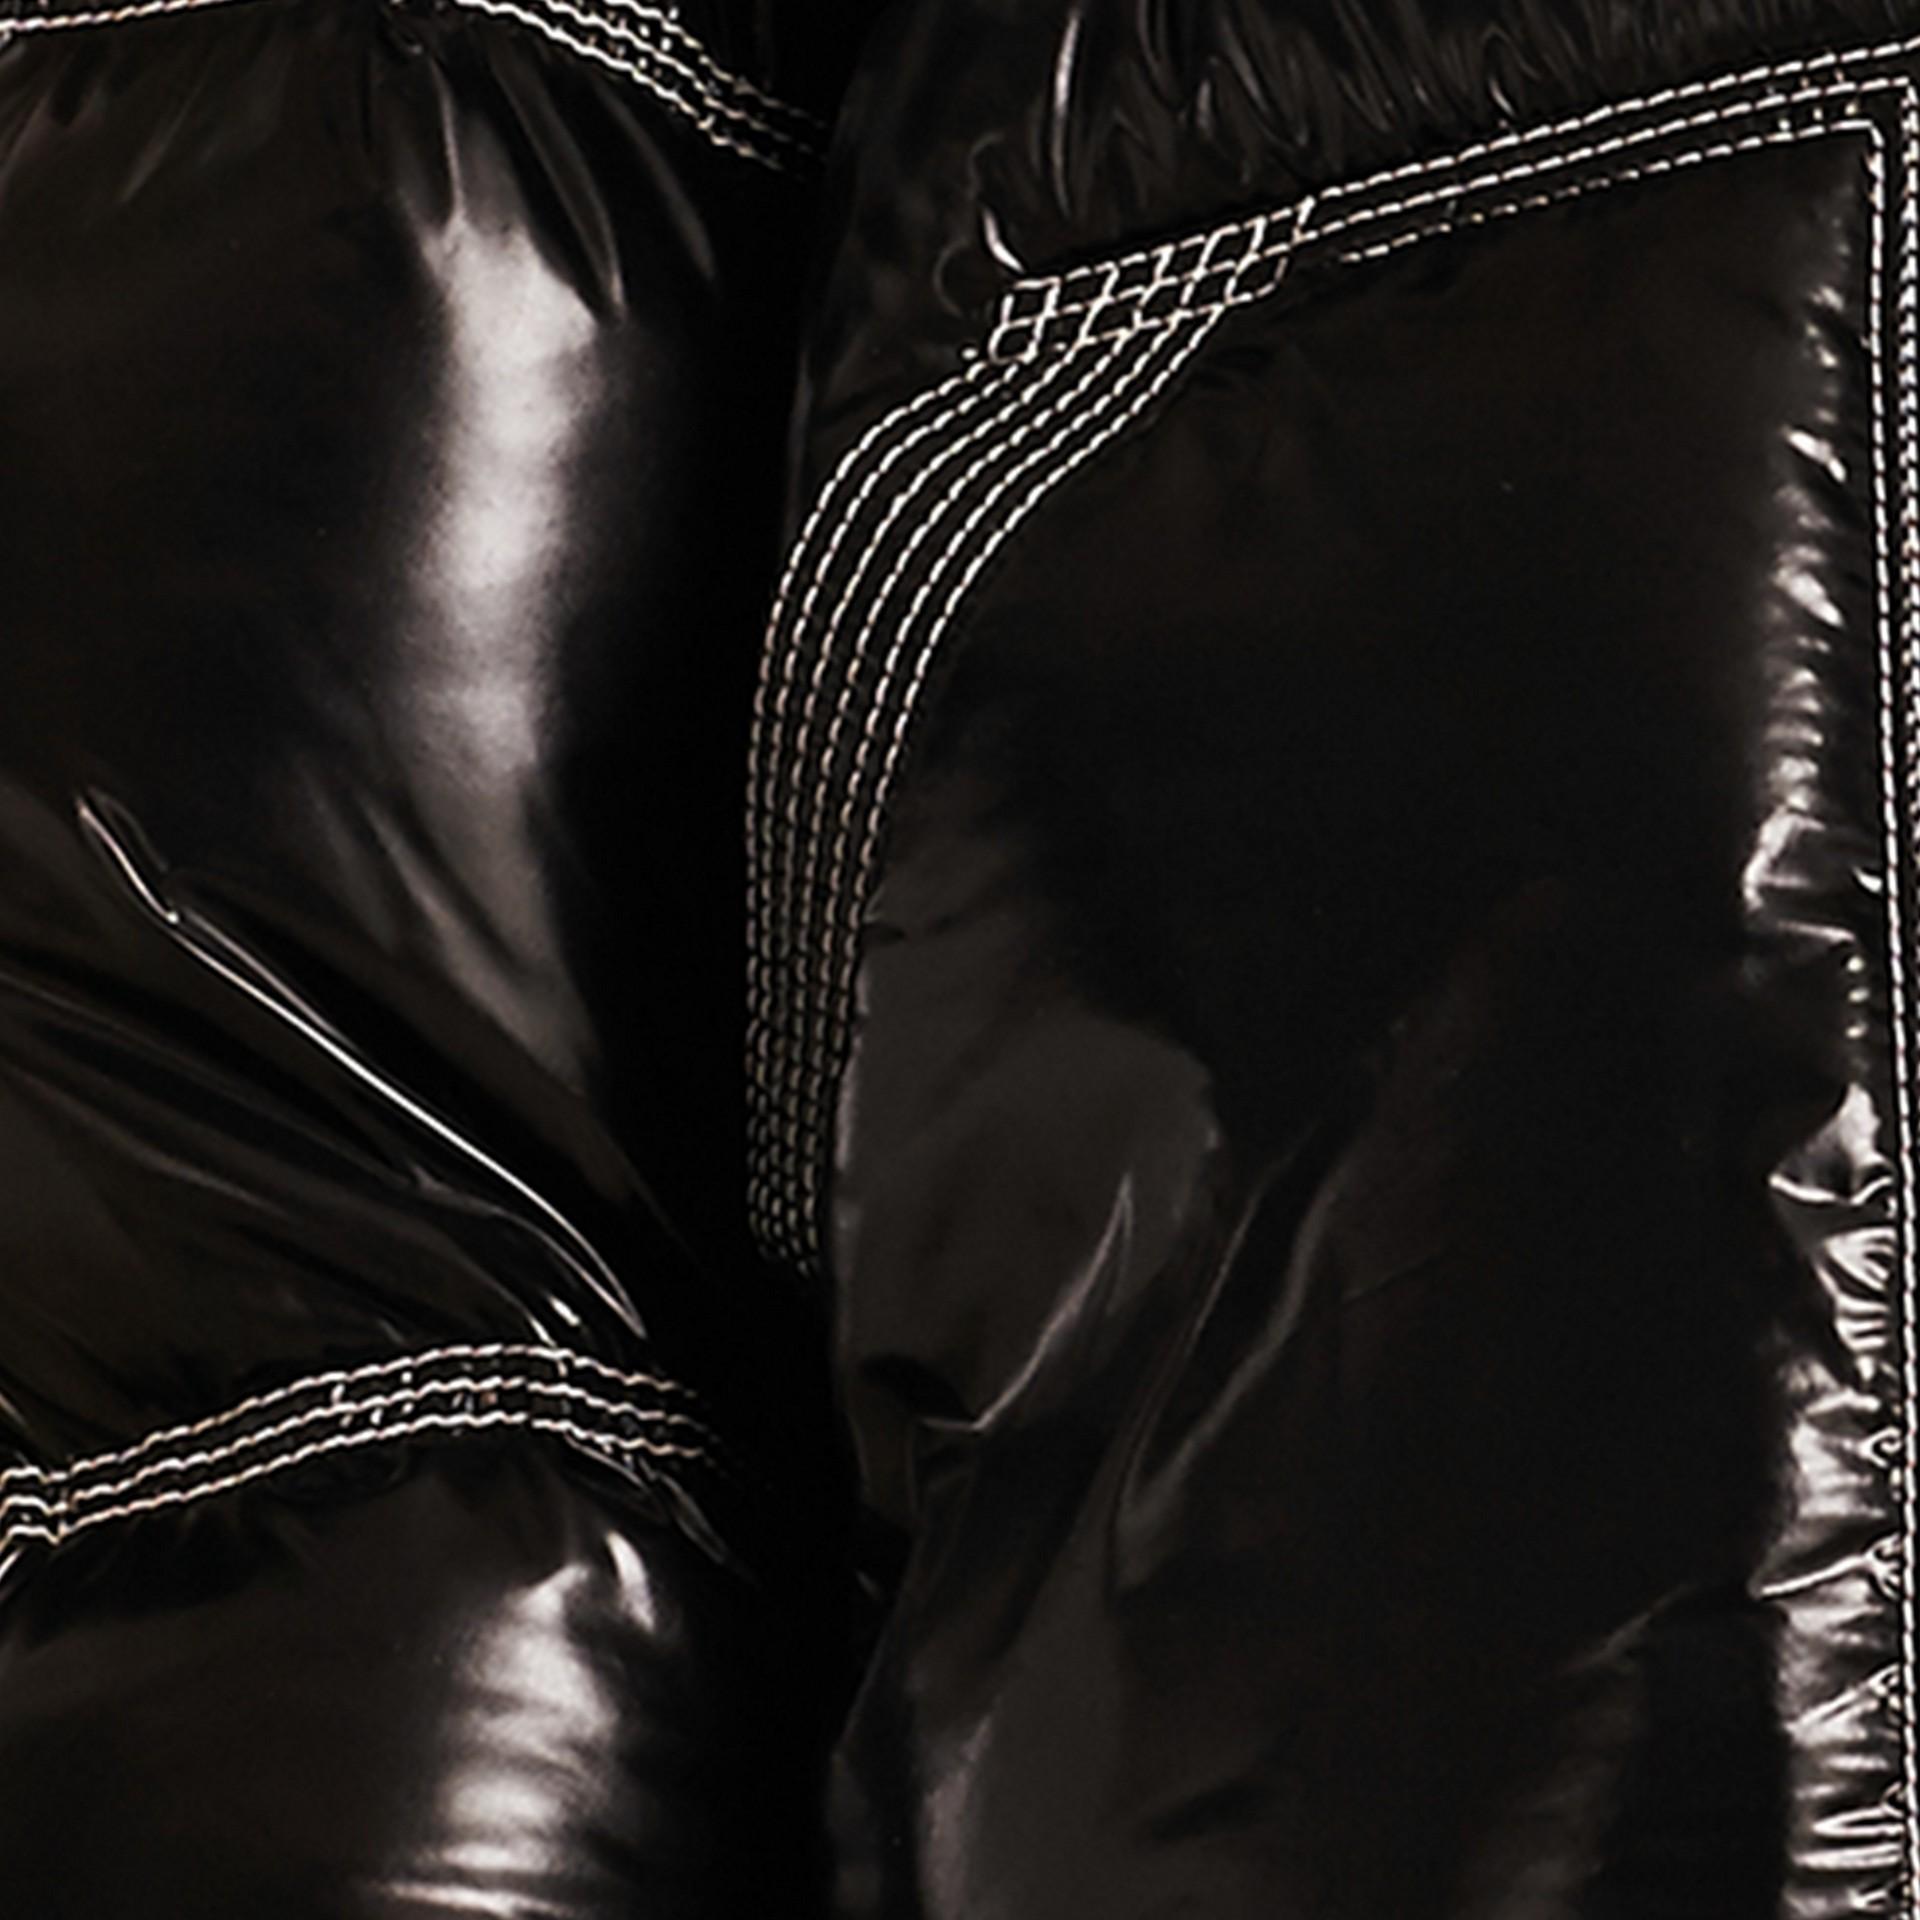 ブラック ダウンフィルド グロッシーパファー ウィズ シアリングカラー - ギャラリーイメージ 2